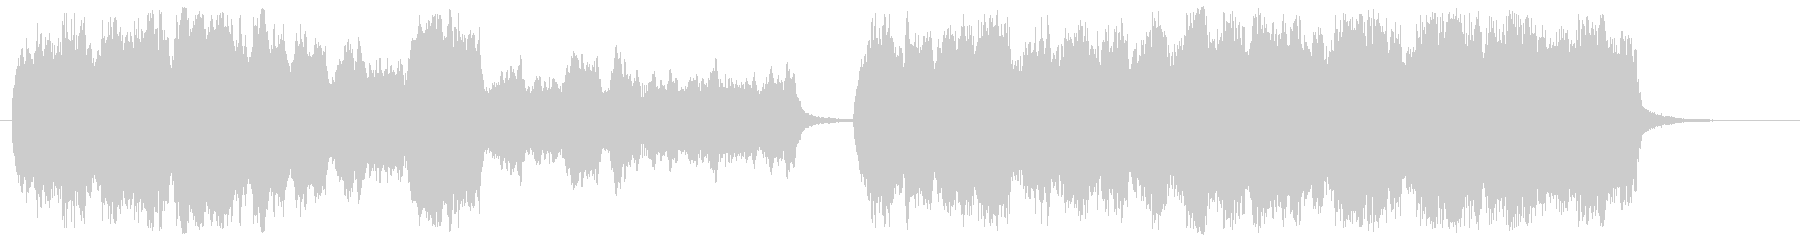 ストリングス・オープニングや場面転換にの未再生の波形